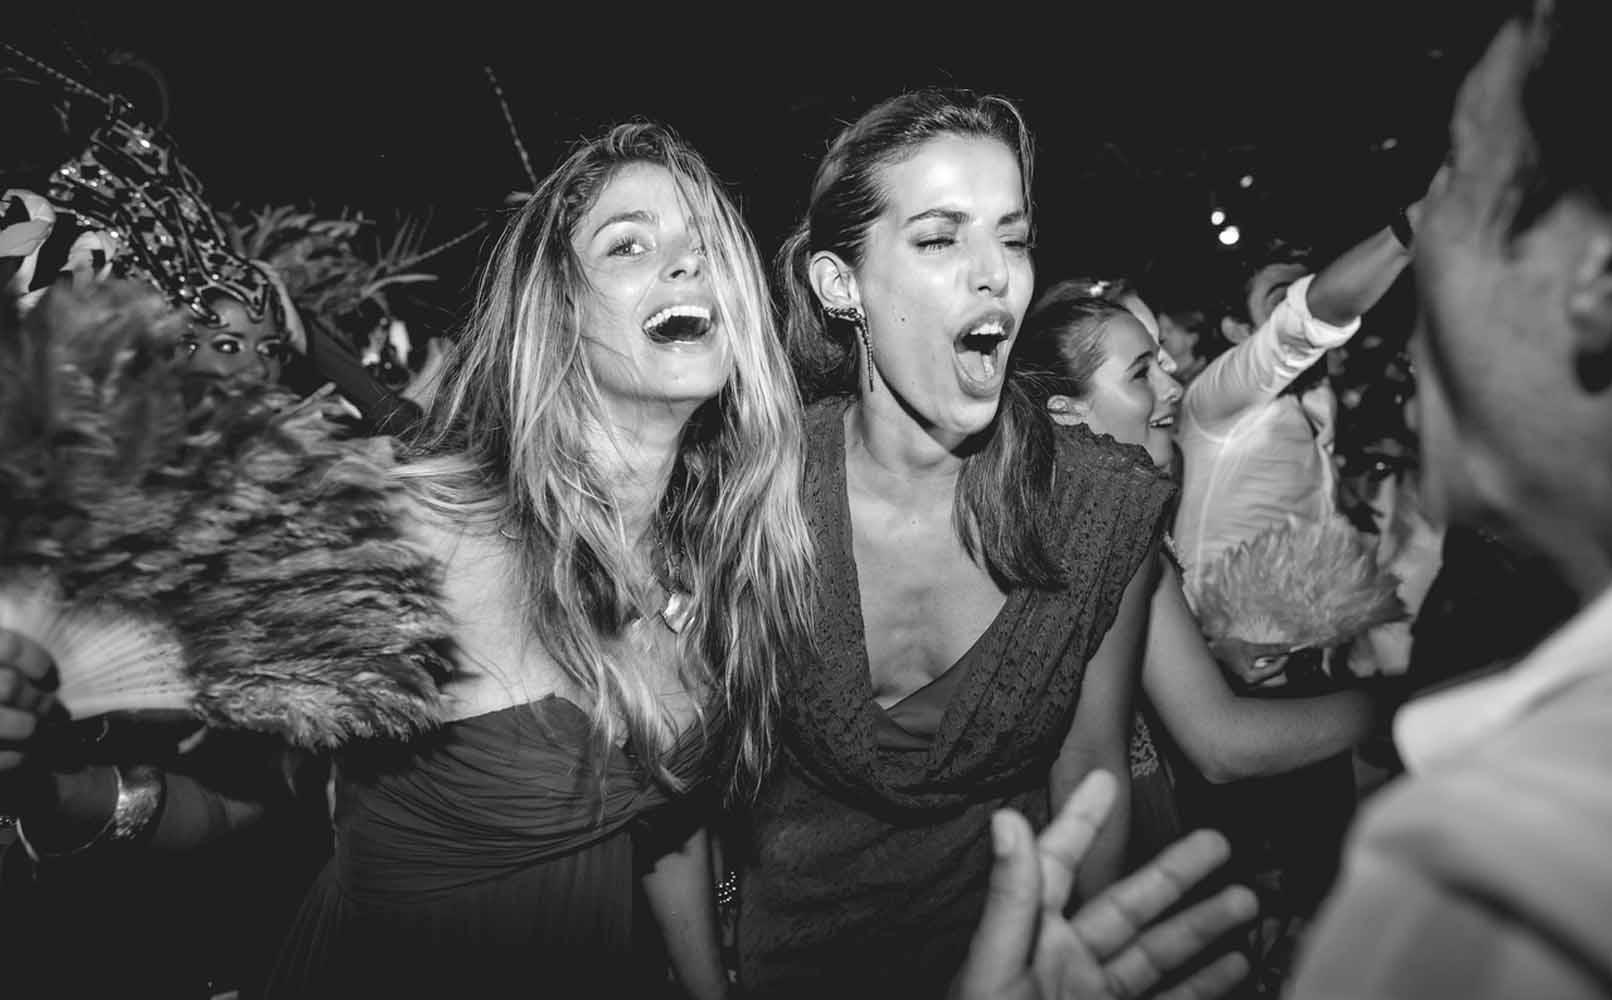 Cristina Hurtado y la actriz Cristina Warner  se gozaron de principio a fin la celebración.